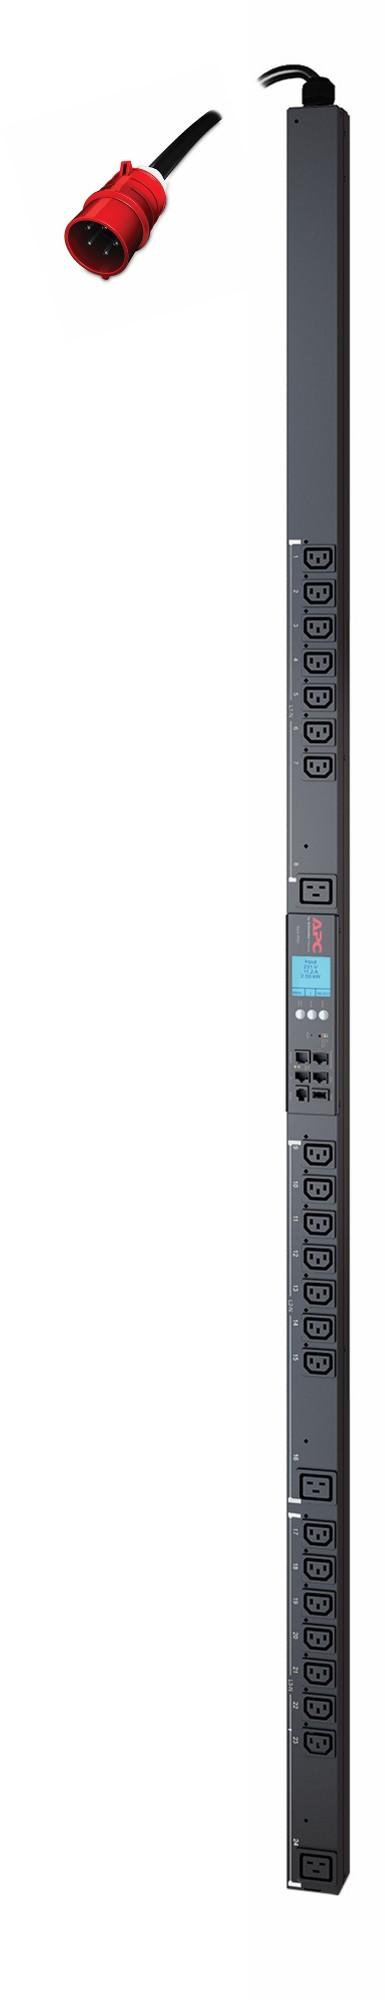 APC AP8681 unidad de distribución de energía (PDU) 0U Negro 24 salidas AC